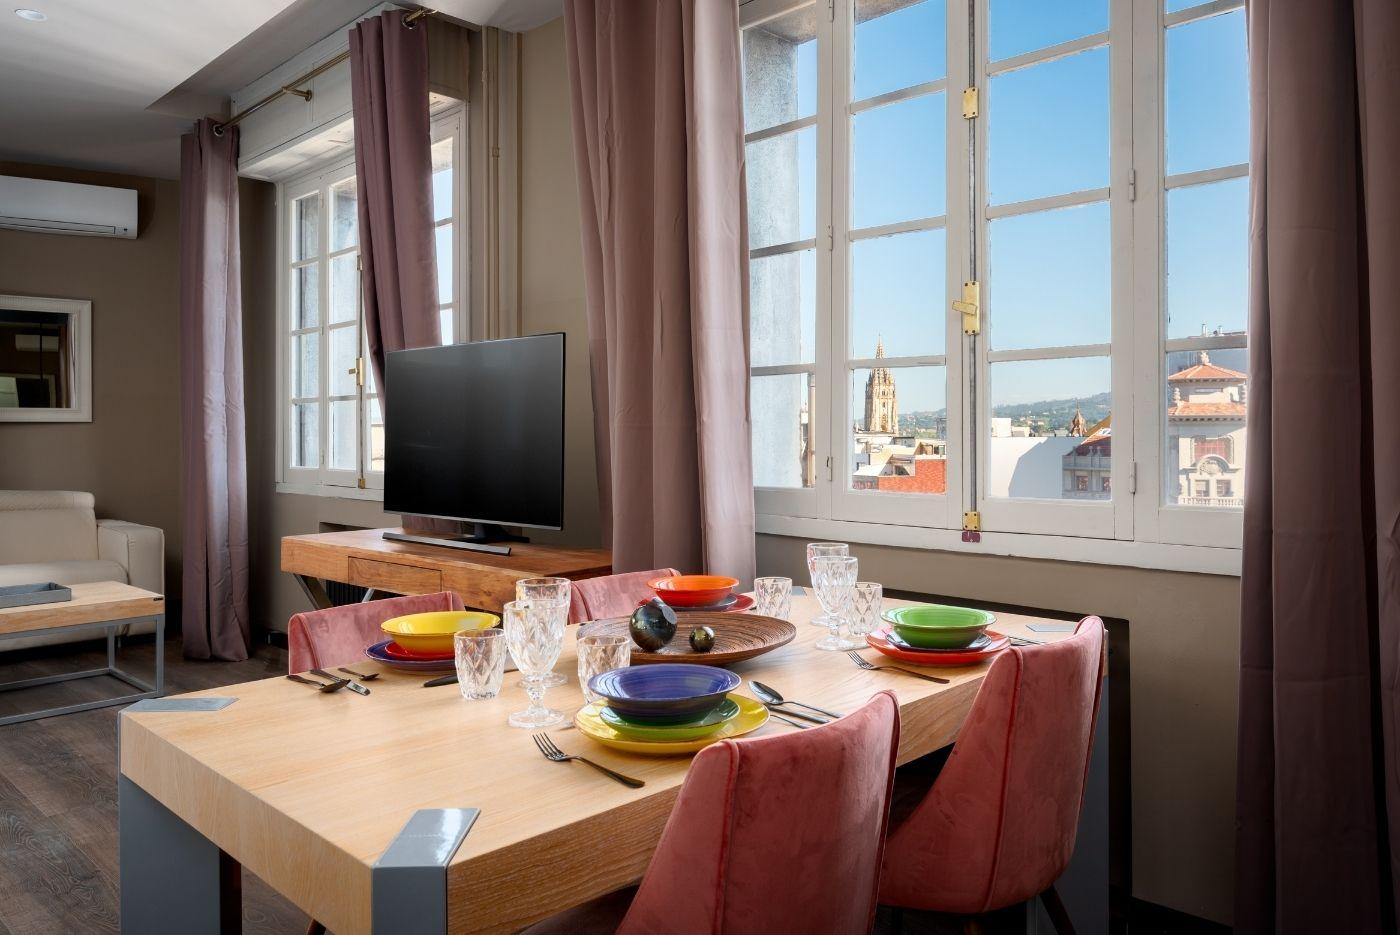 Apartamento-Atico-Premium-65-Oviedo-1907-04